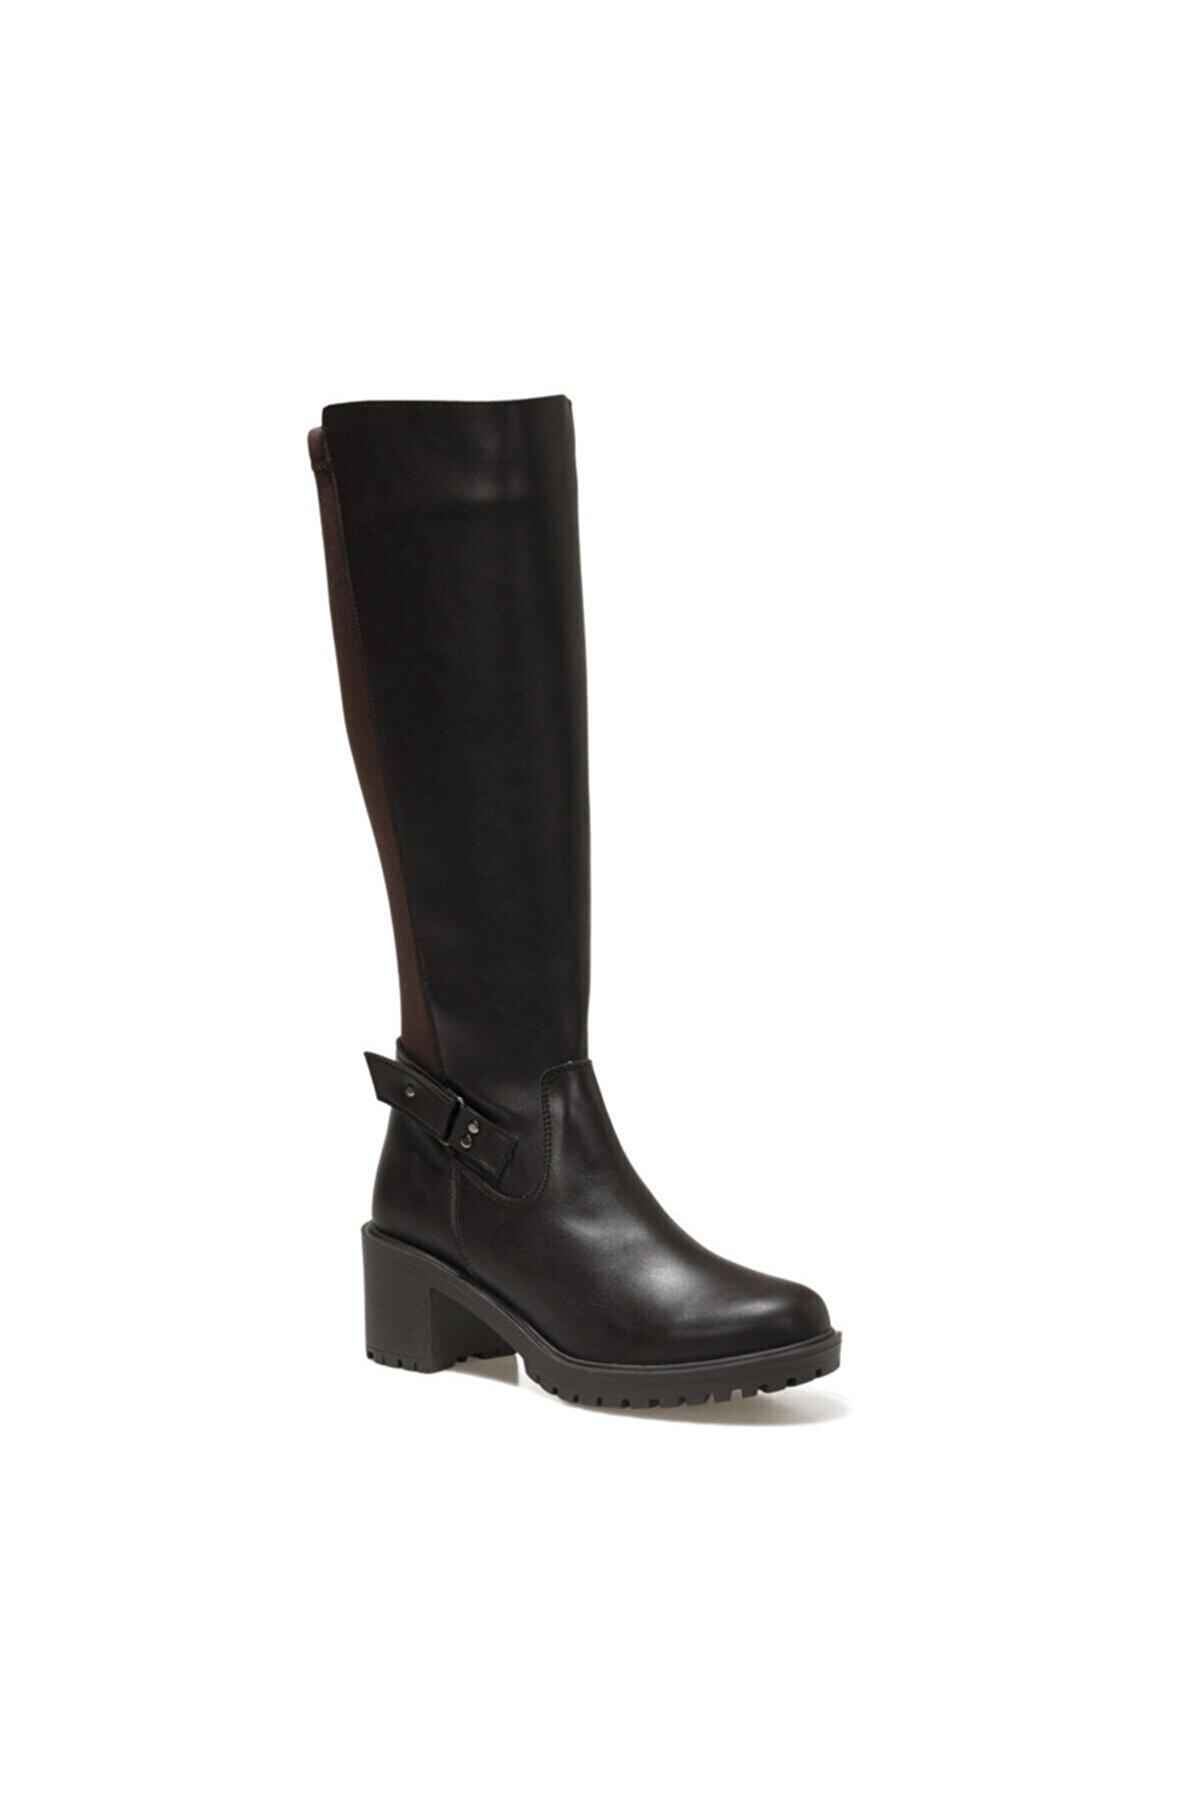 Polaris 316737.Z Kahverengi Kadın Ökçeli Çizme 100562155